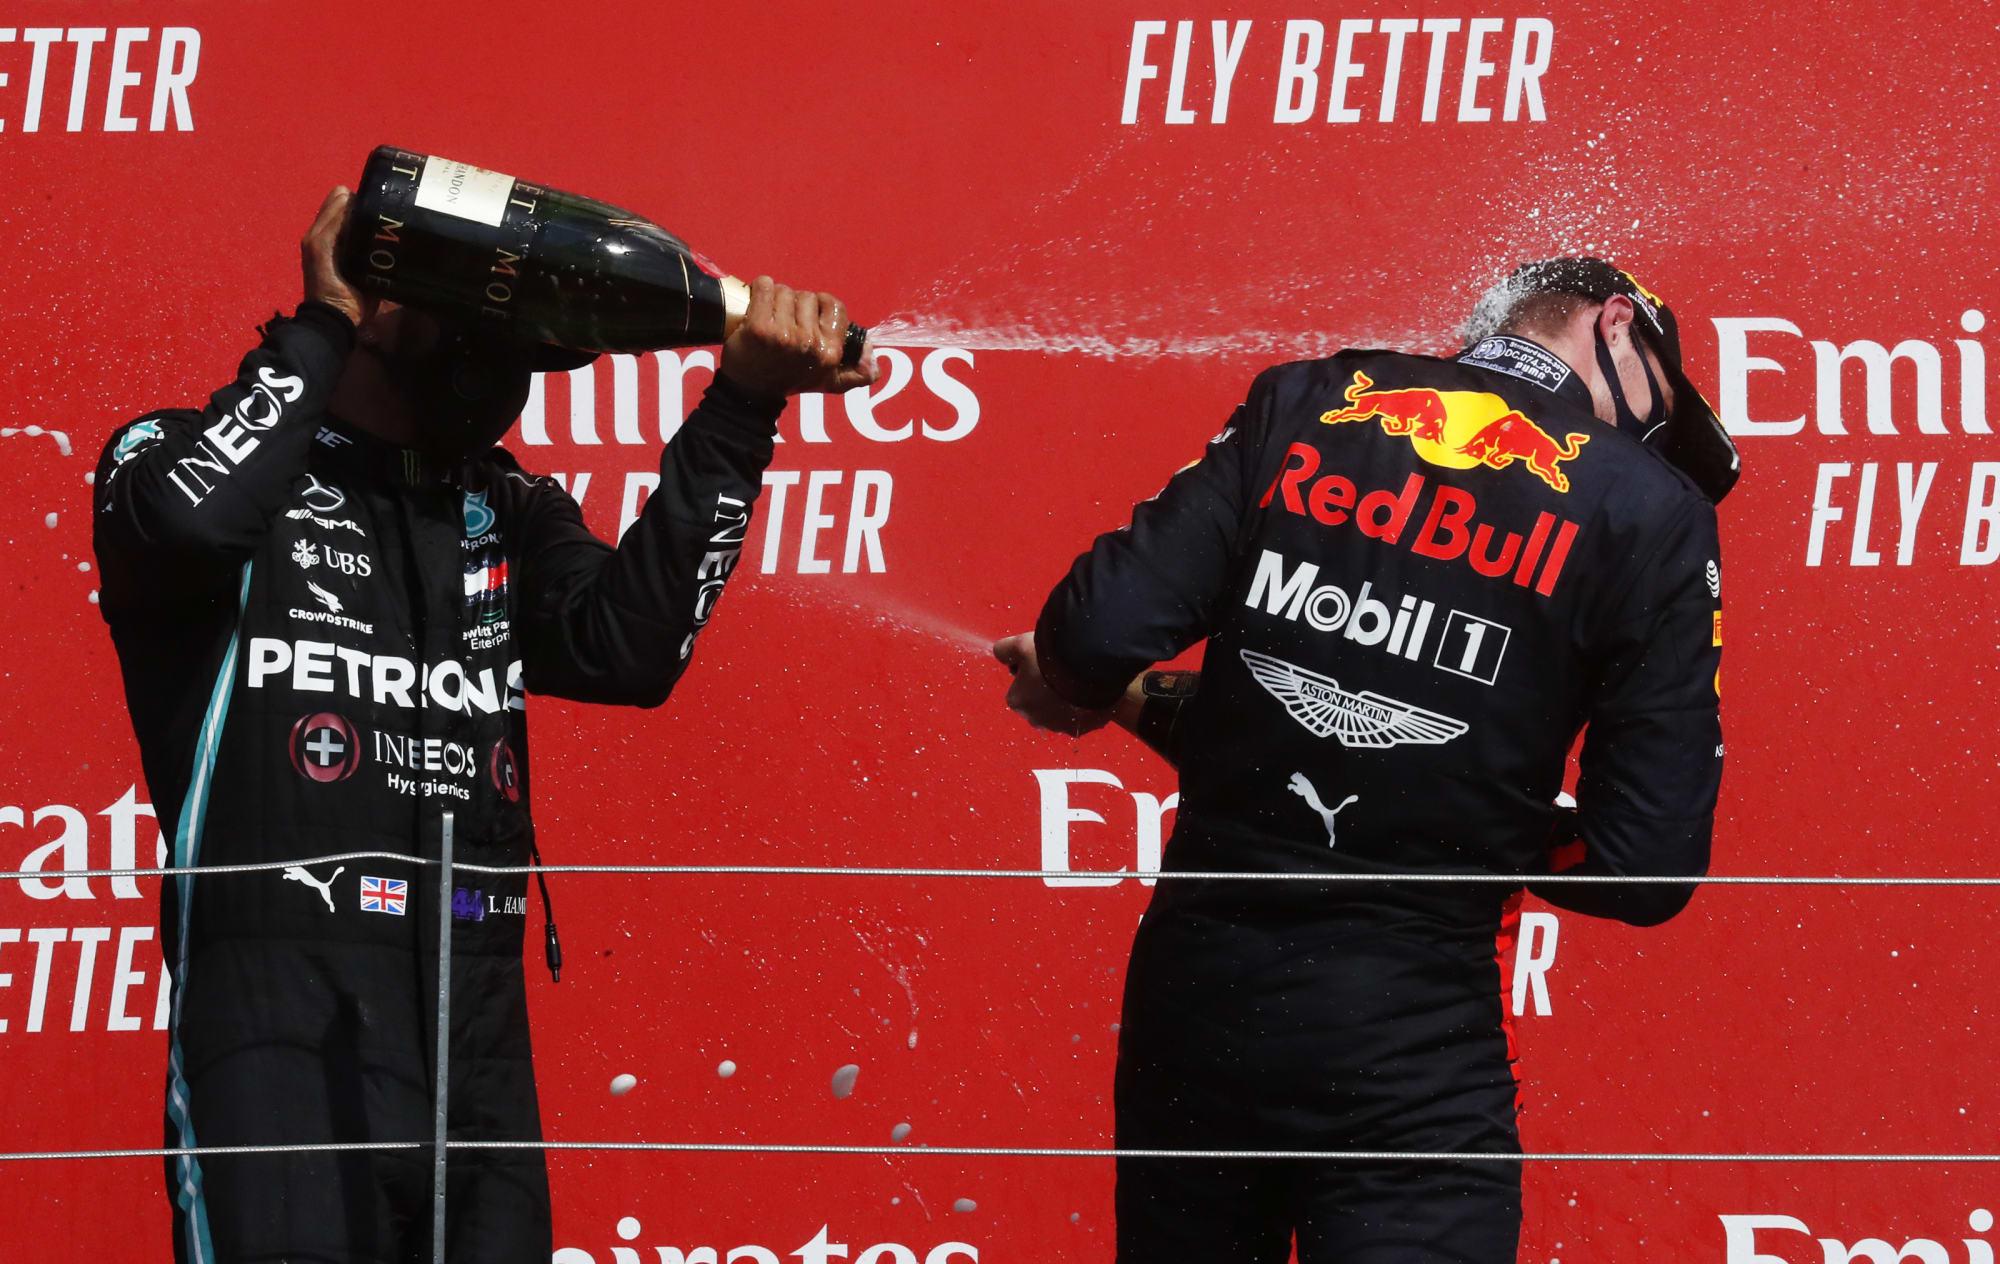 Formula 1: Lewis Hamilton took Max Verstappen's 1st place trophy